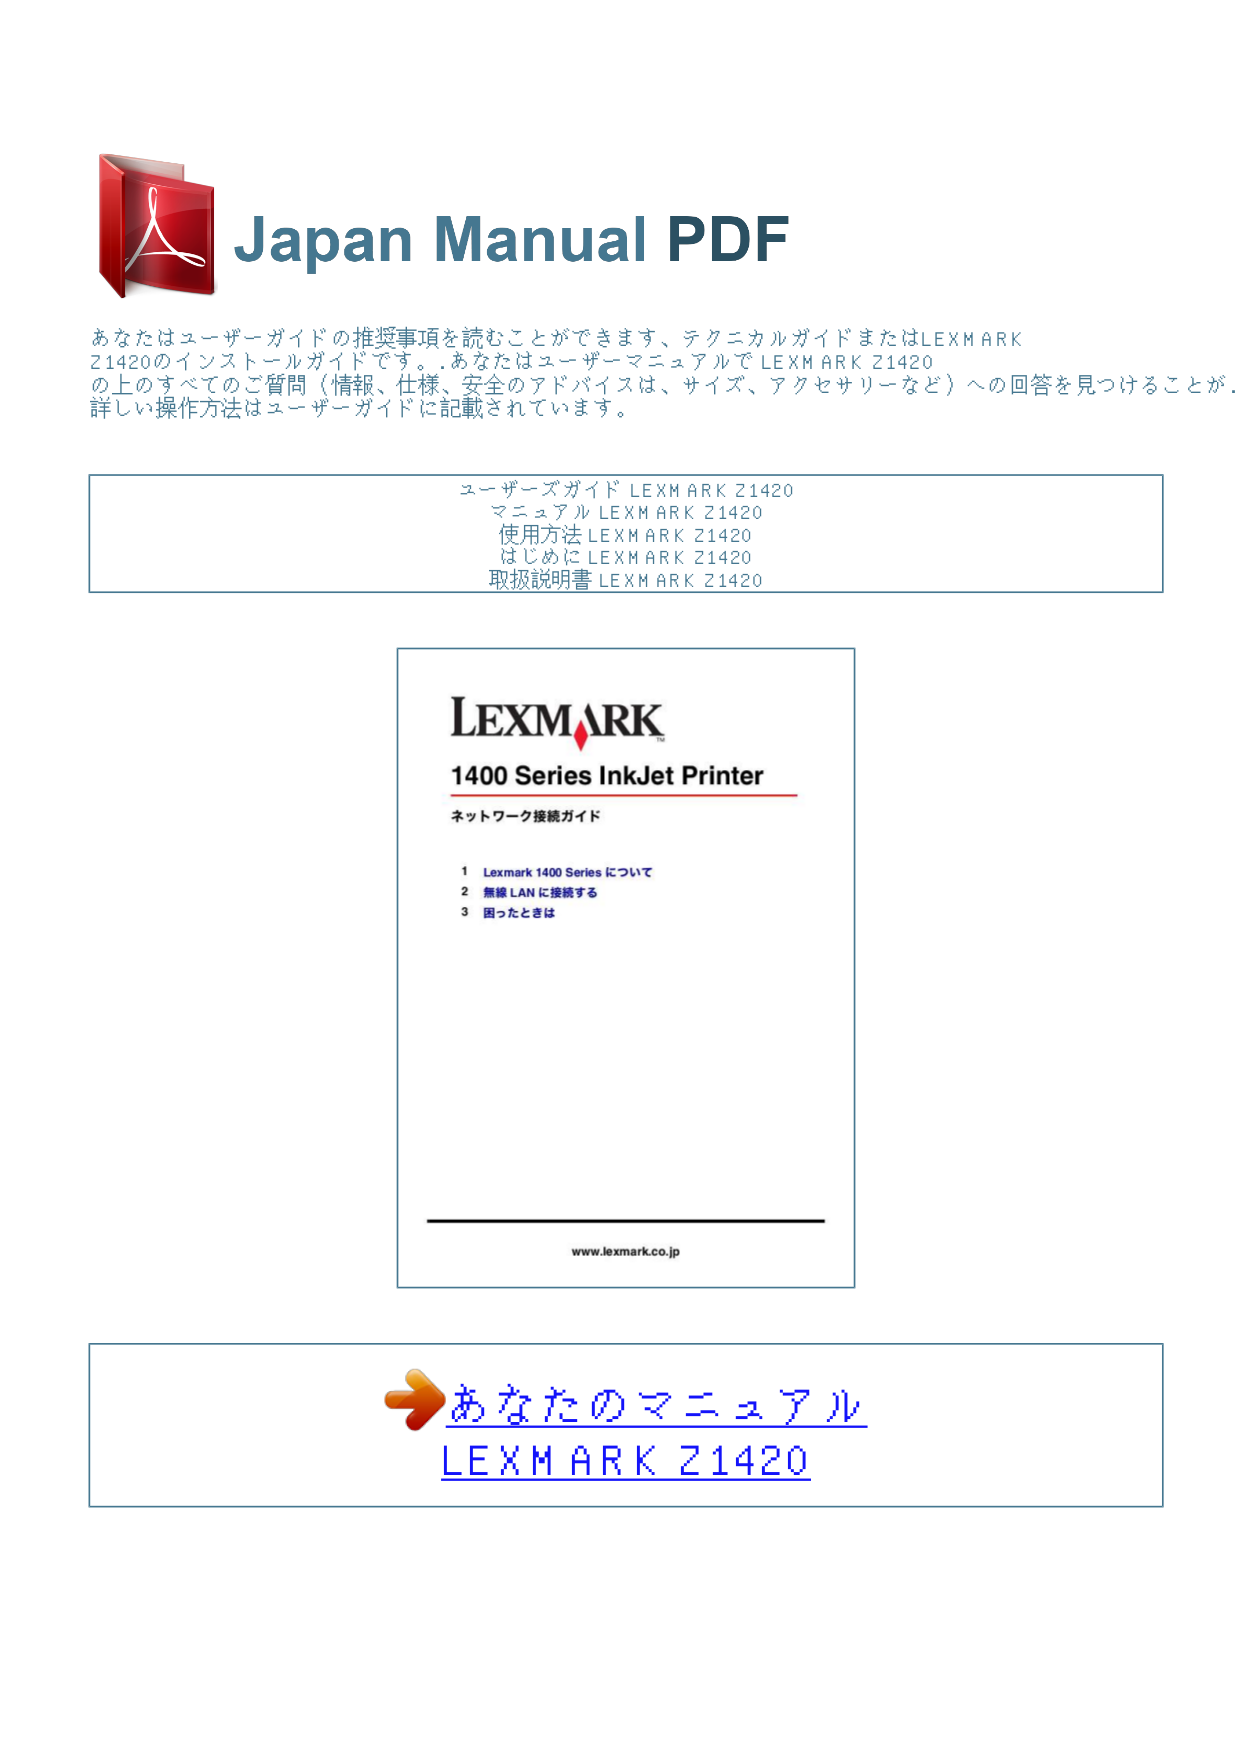 pdf for Lexmark Printer Z1420 manual